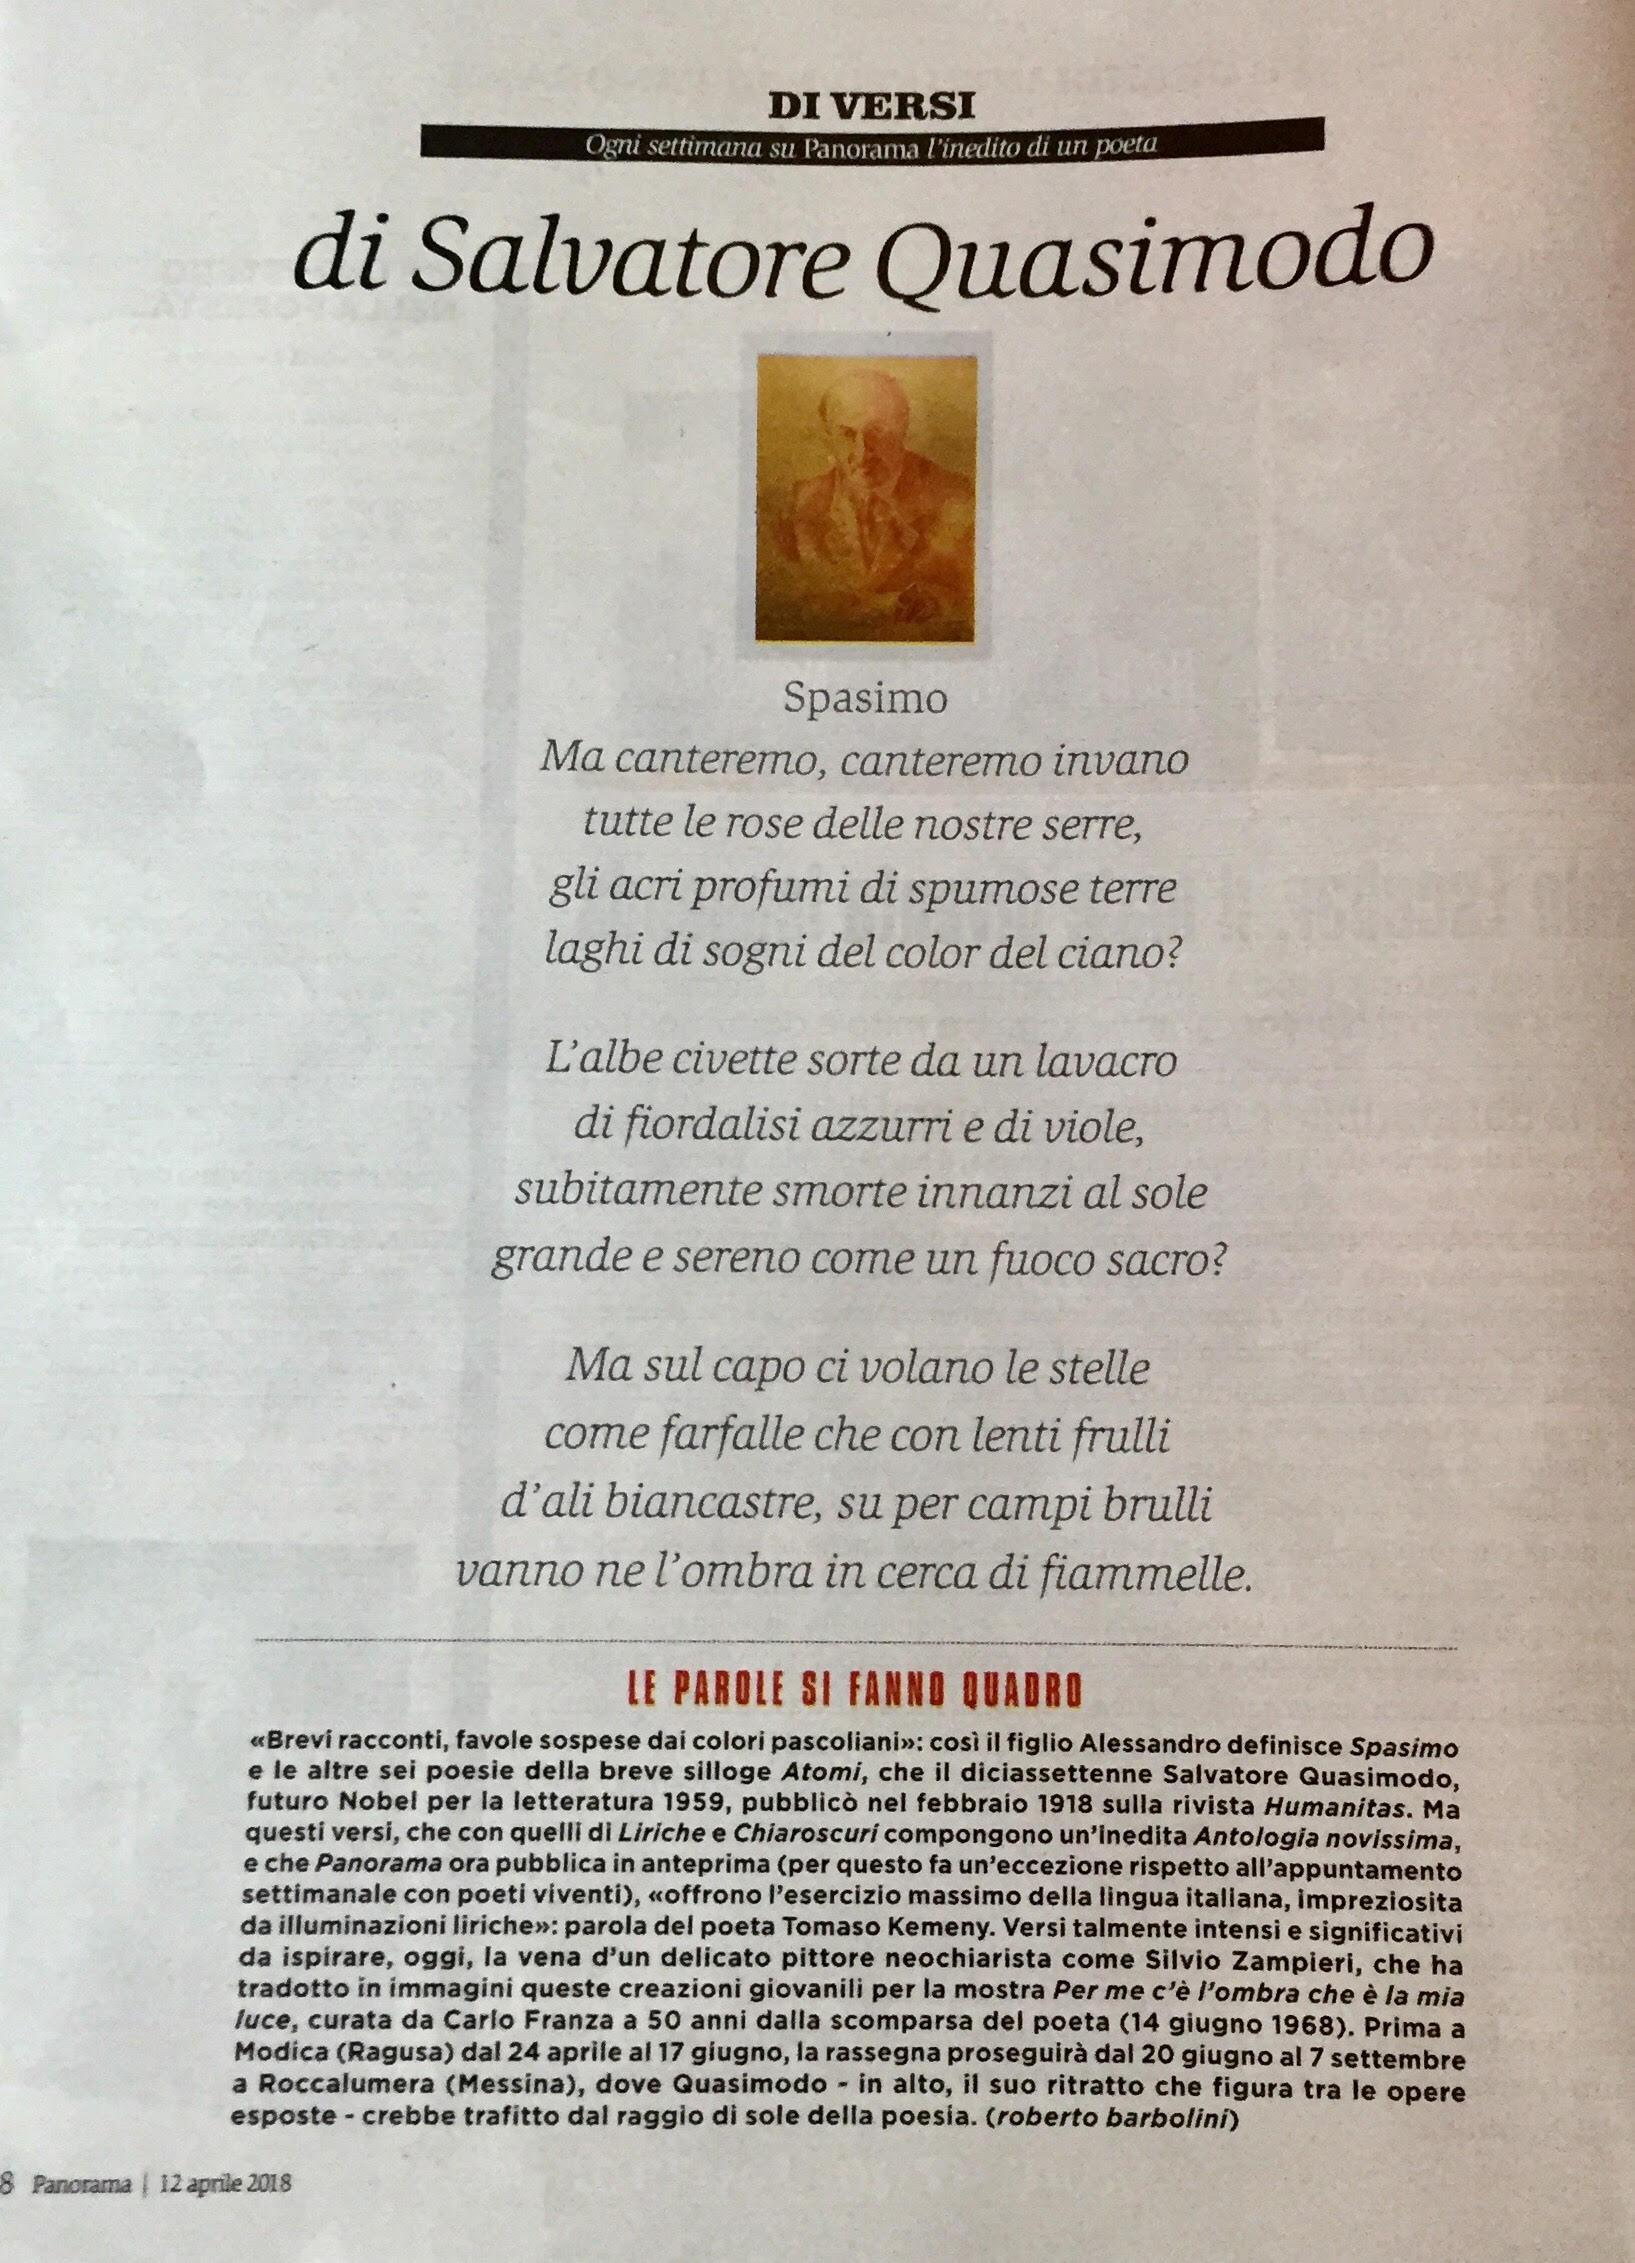 Home parco letterario salvatore quasimodo roccalumera sicilia italia - Poesia specchio quasimodo ...